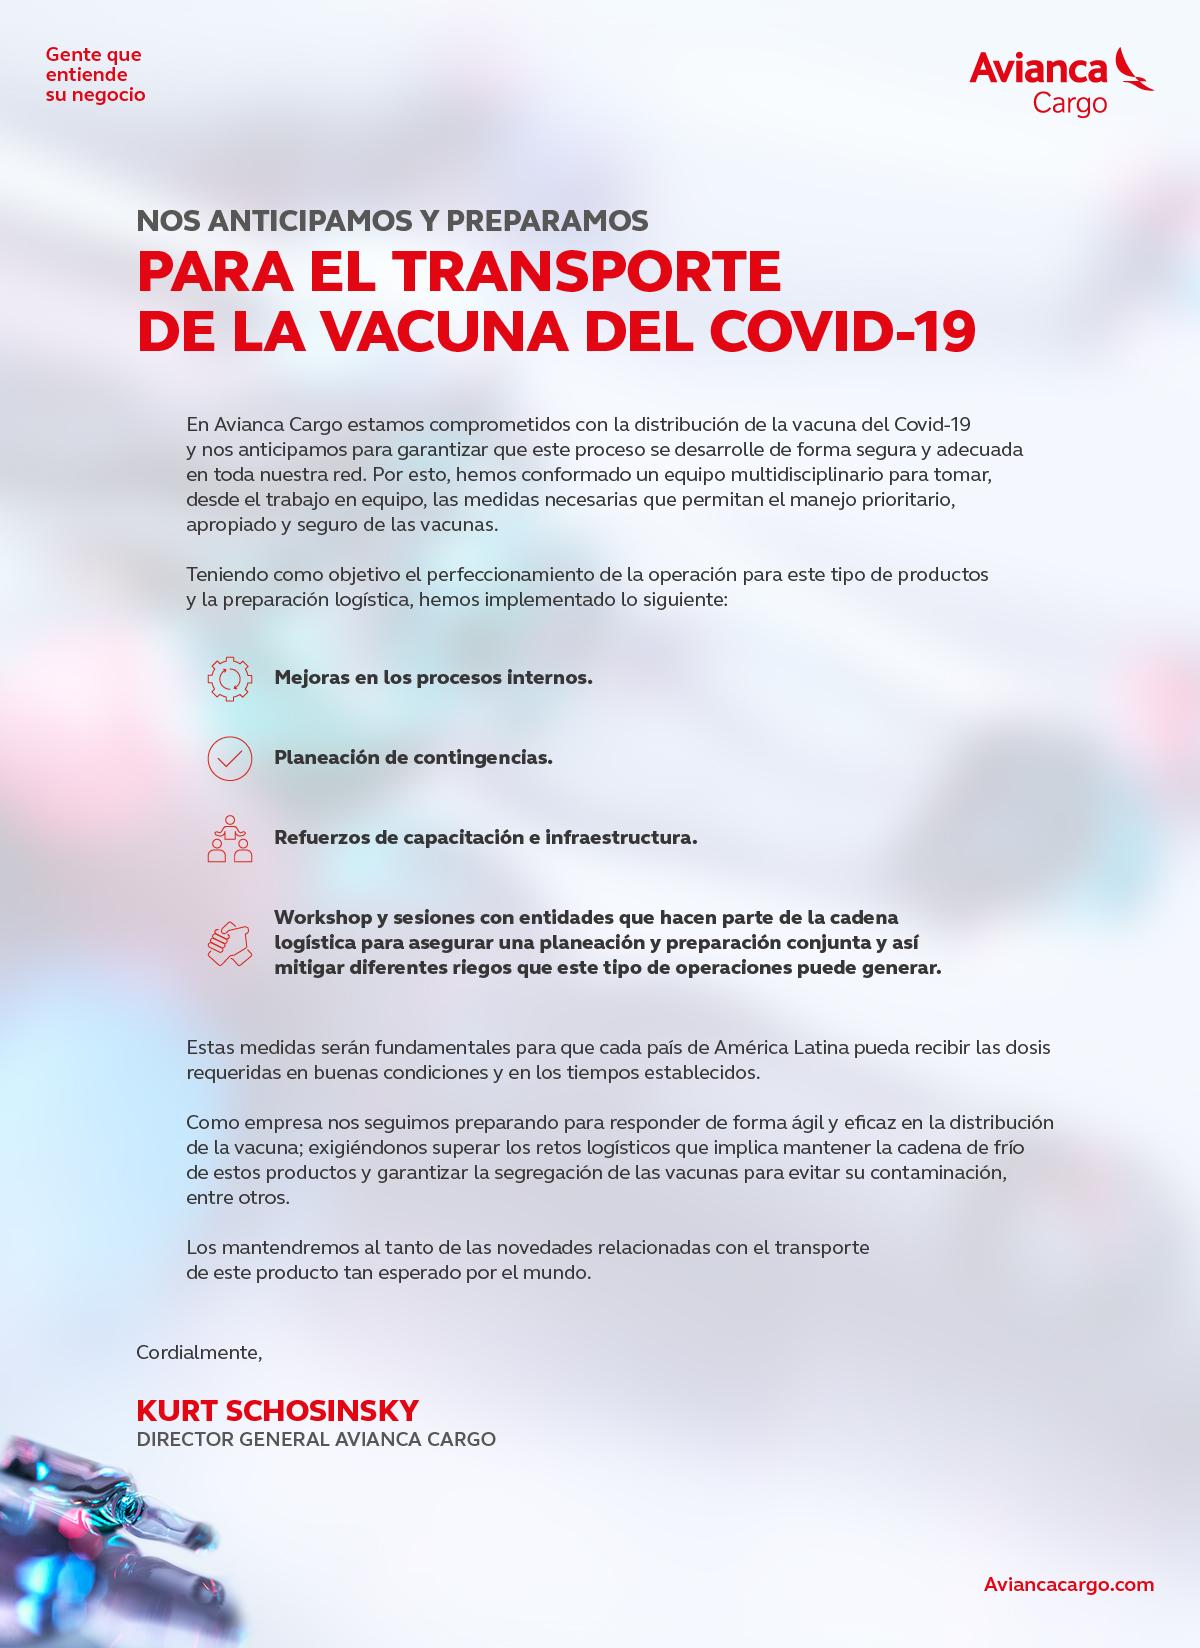 NOS ANTECIPAMOS E NOS PREPARAMOS PARA O TRANSPORTE DA VACINA DO COVID-19